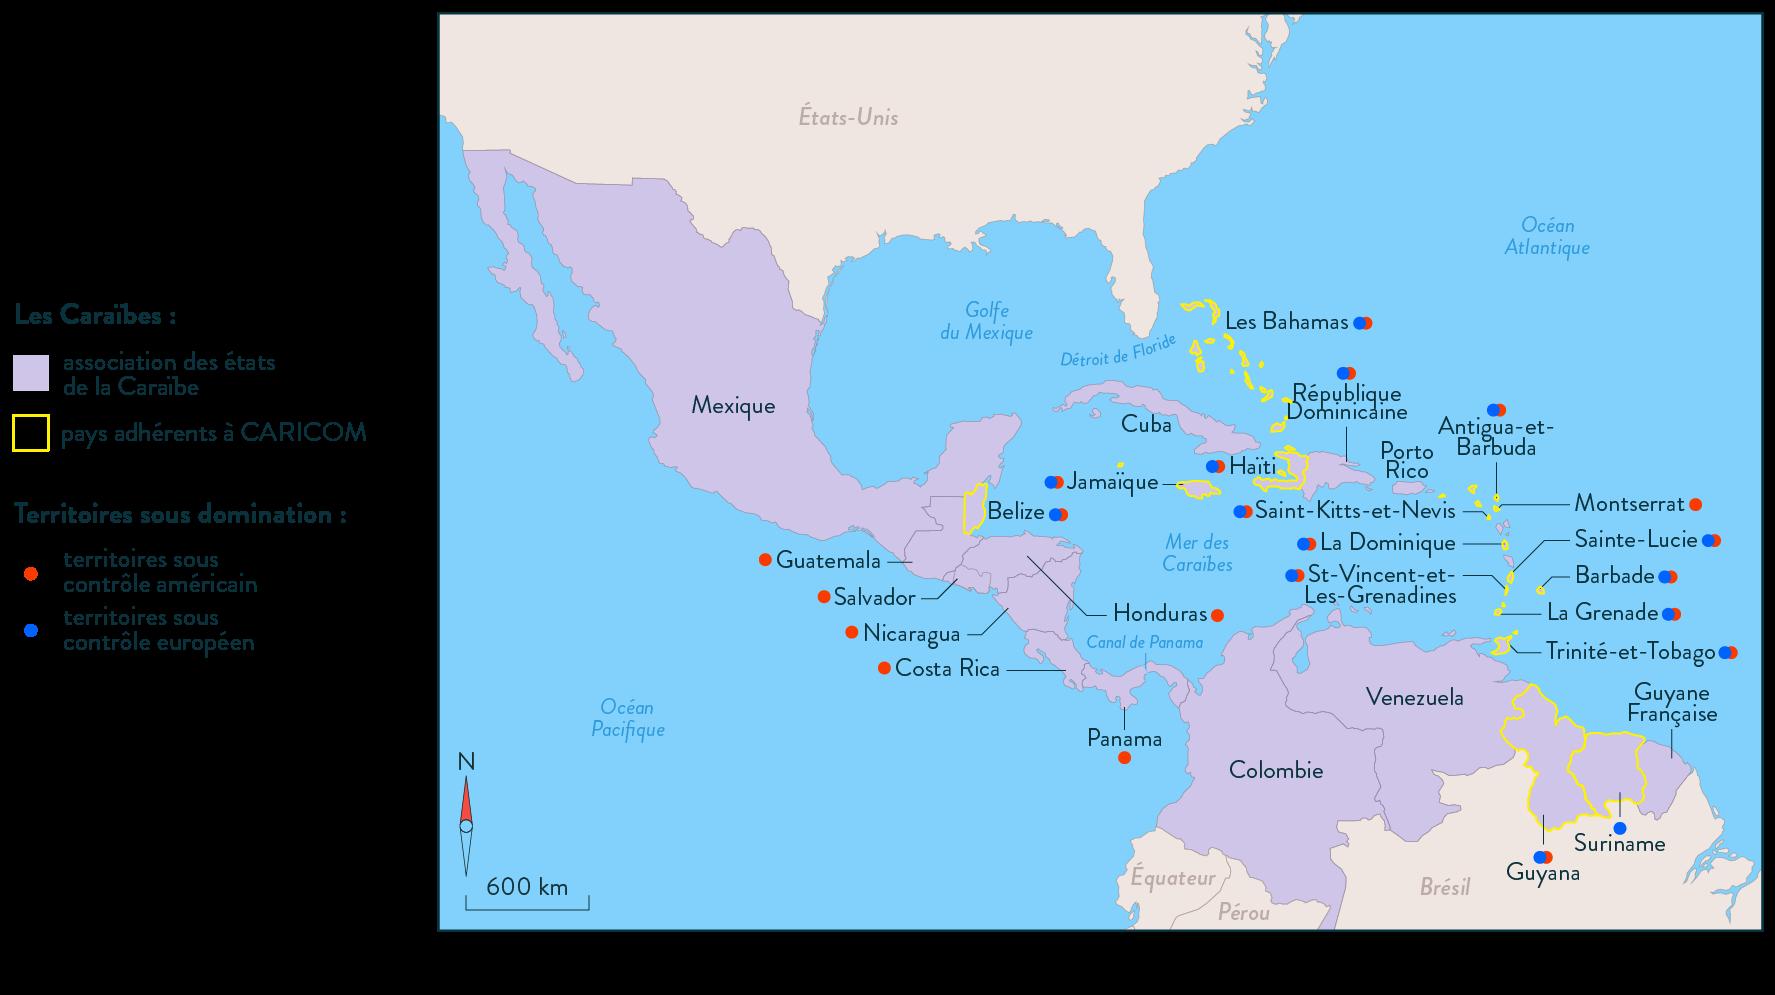 carte Caraïbes territoires sous domination